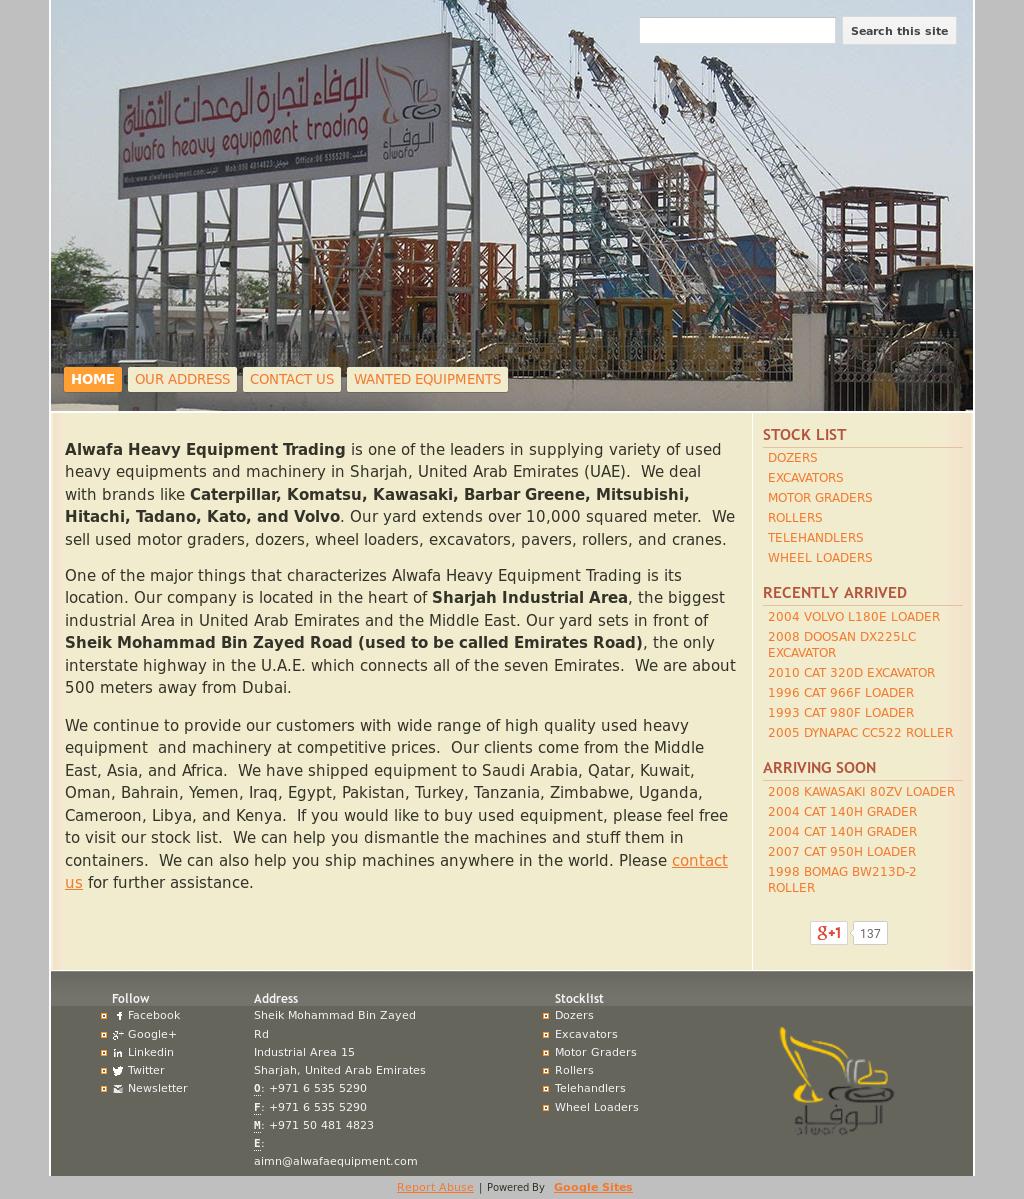 Alwafa Heavy Equipment Trading Competitors, Revenue and